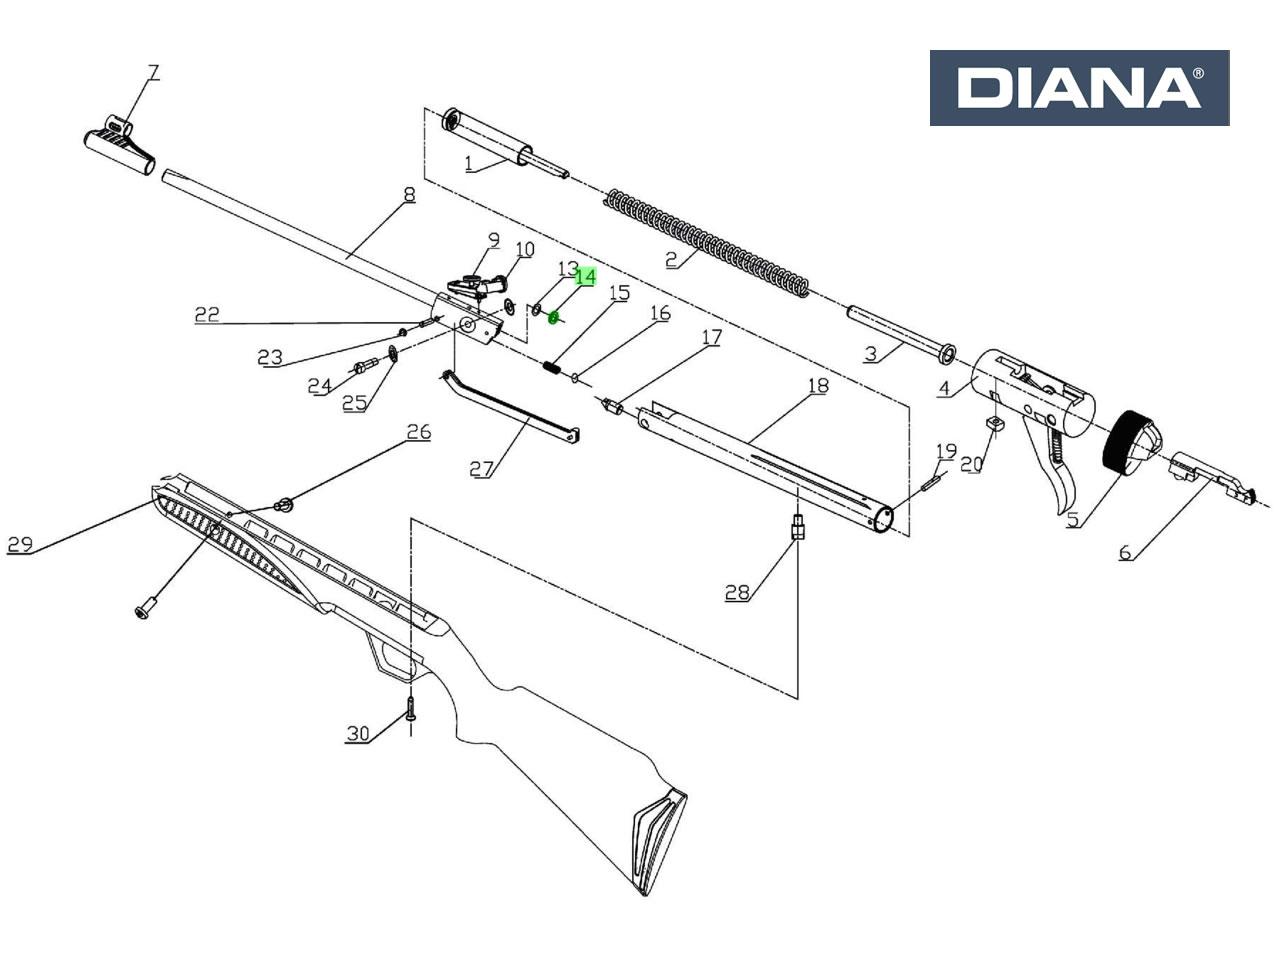 75 explosionszeichnung diana luftgewehr Verschlussfeder für